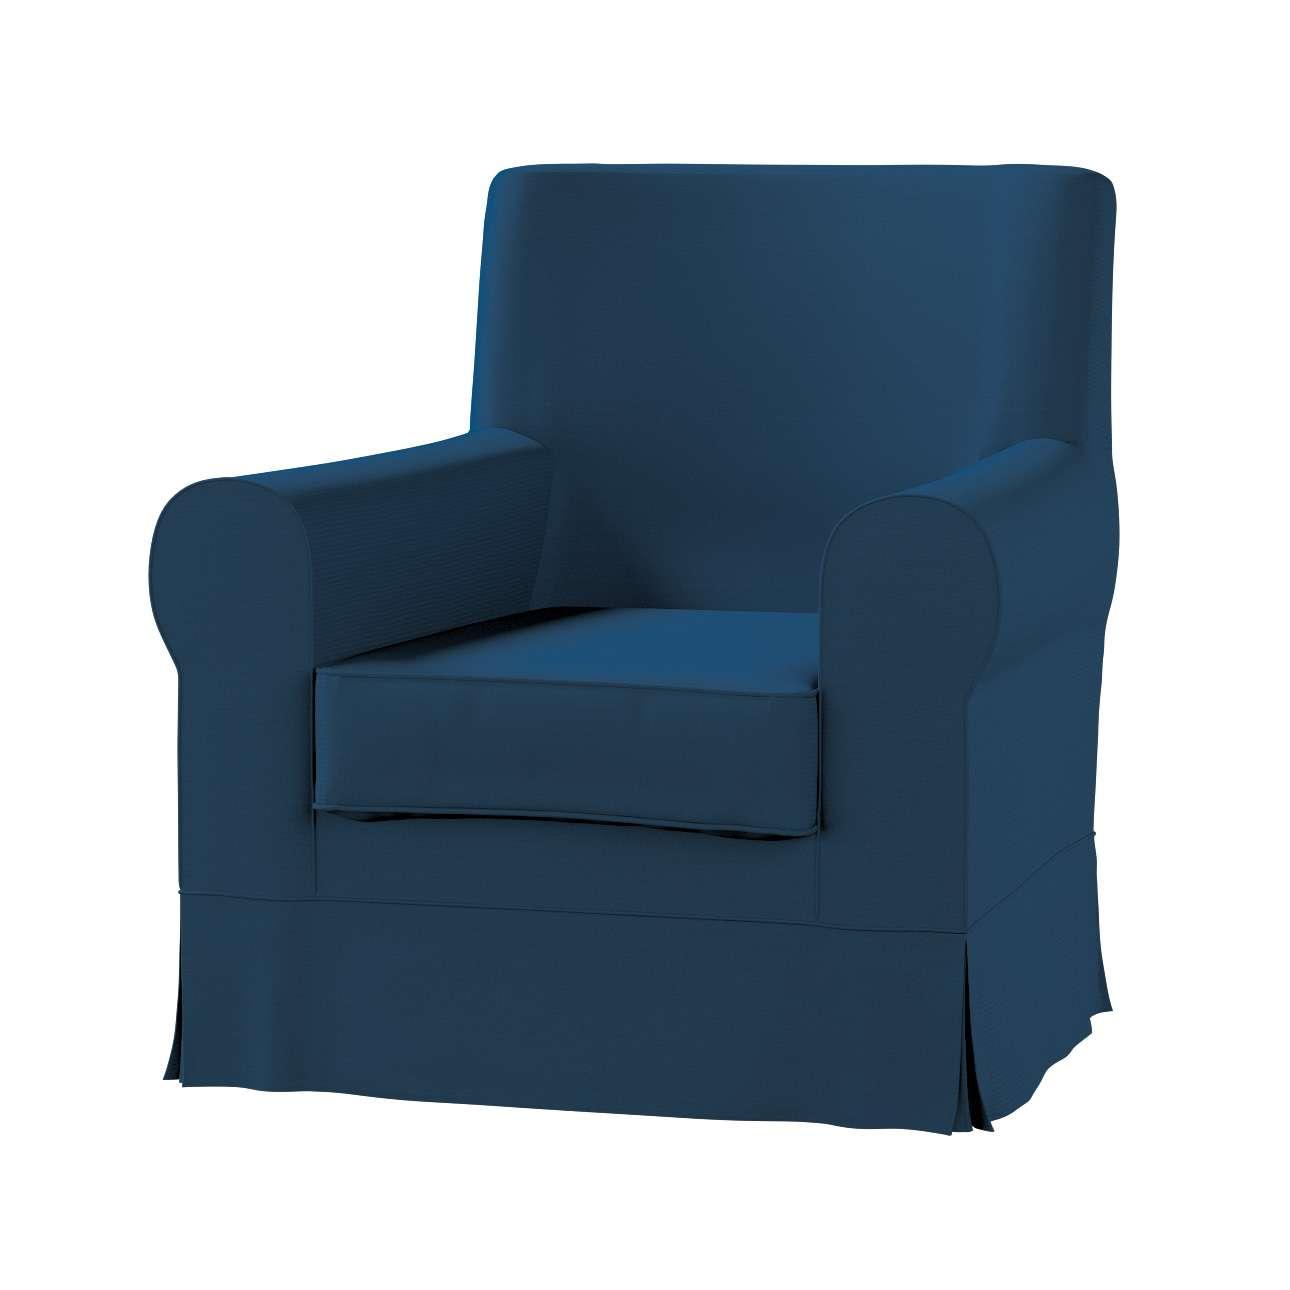 Ektorp Jennylund Sesselbezug Sesselhusse, Ektorp Jennylund von der Kollektion Cotton Panama, Stoff: 702-30